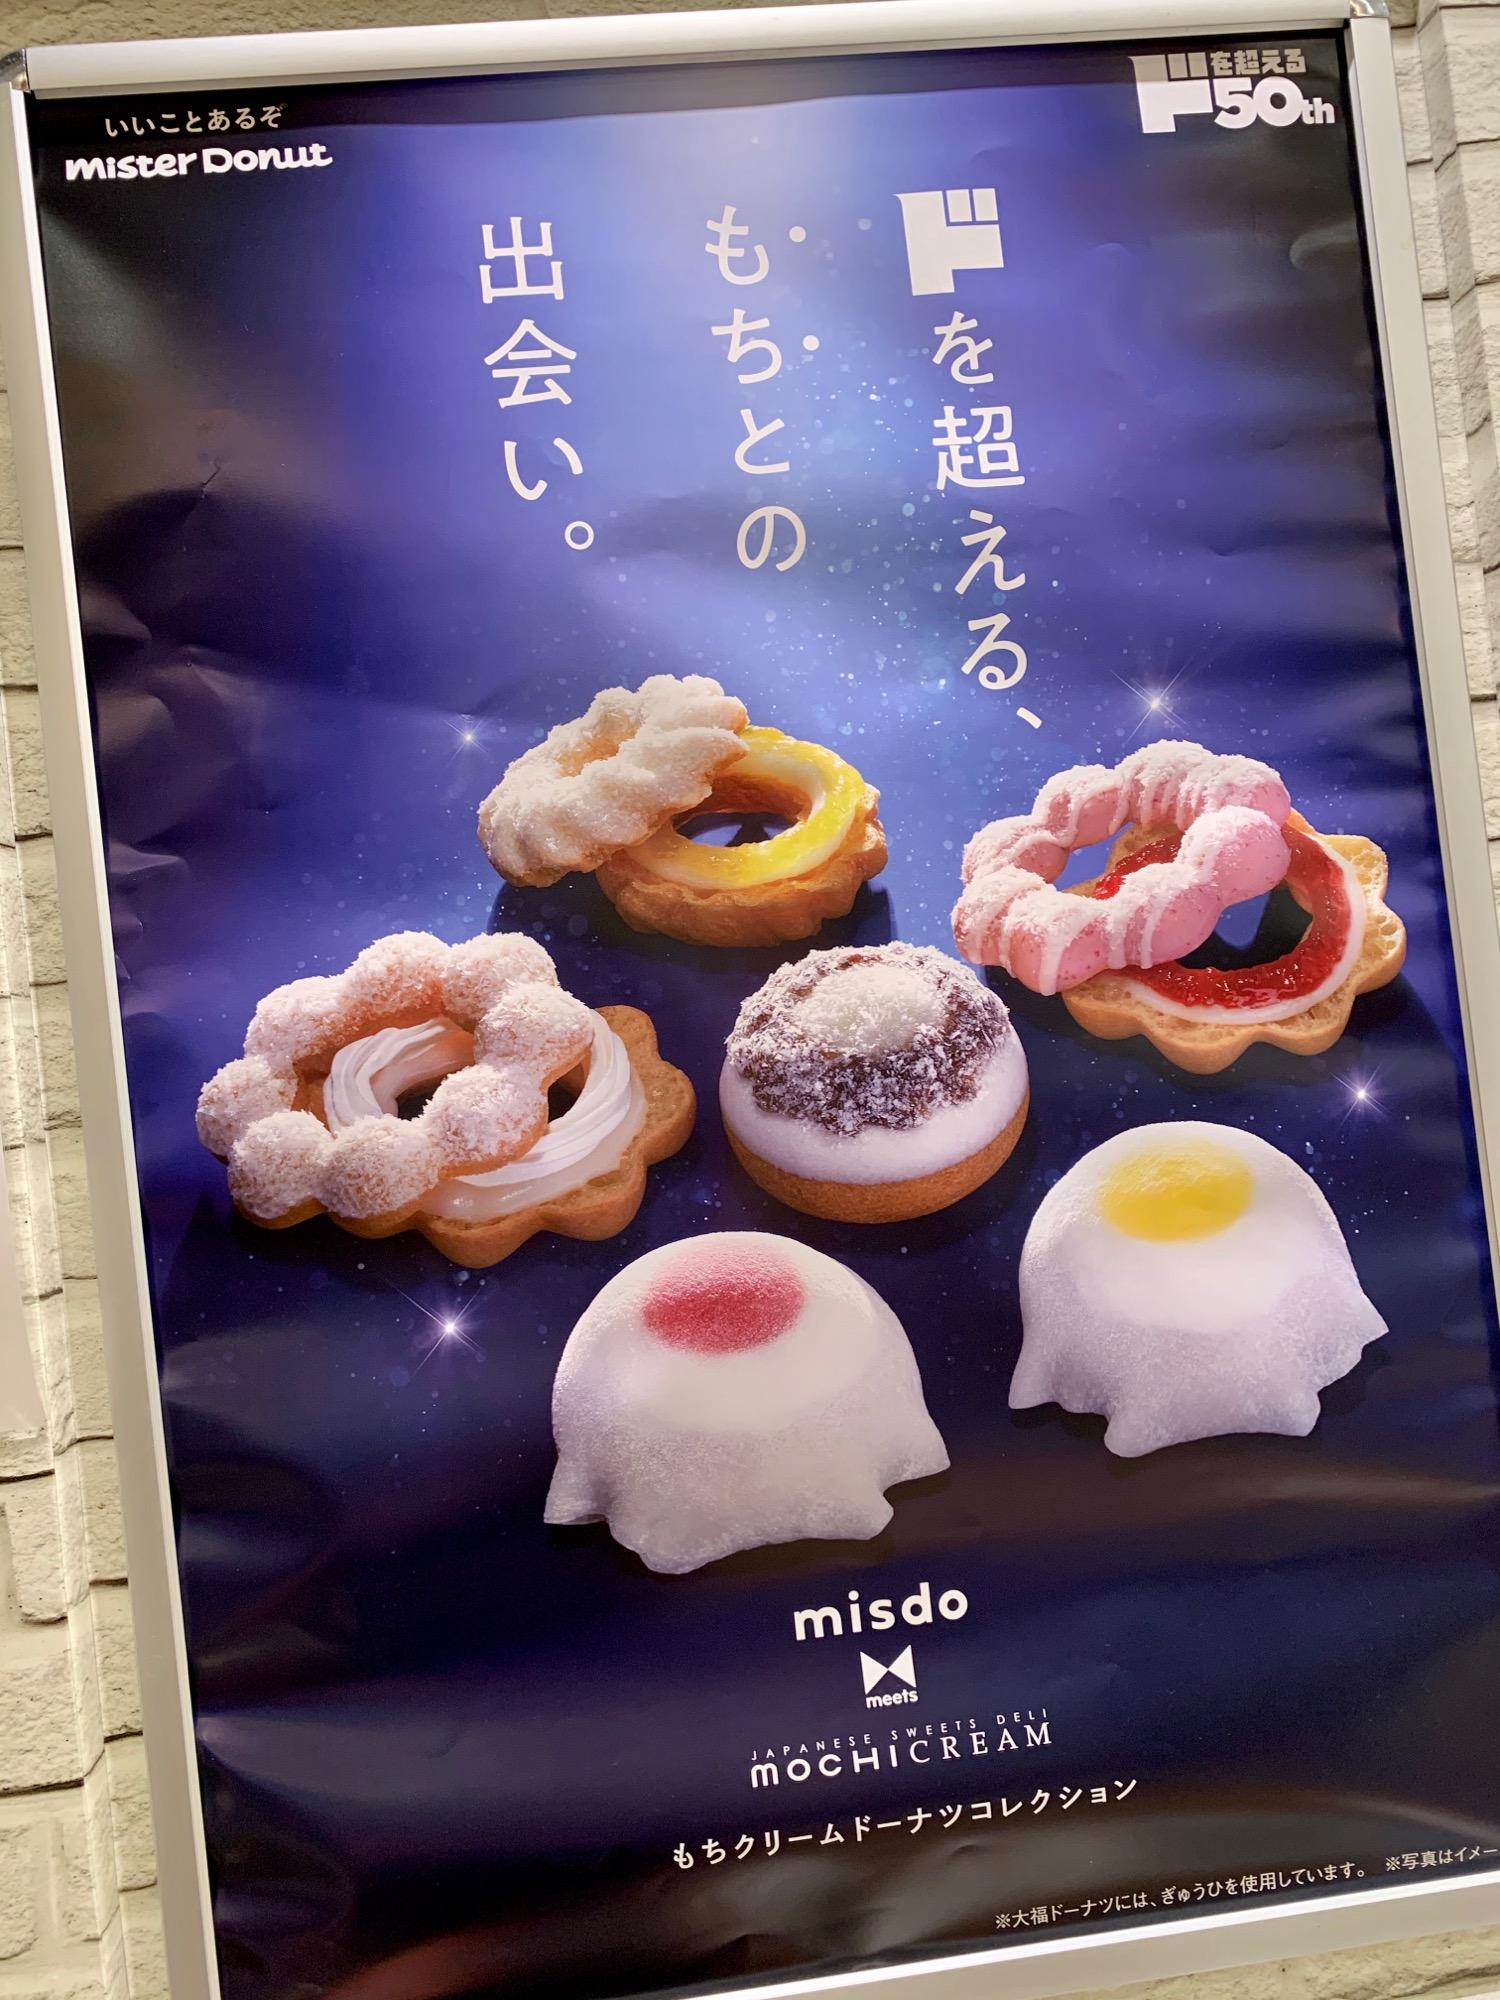 《もう食べた?》超新感覚!【ミスド】もちクリームドーナツコレクションが美味しすぎる❤️☻_1